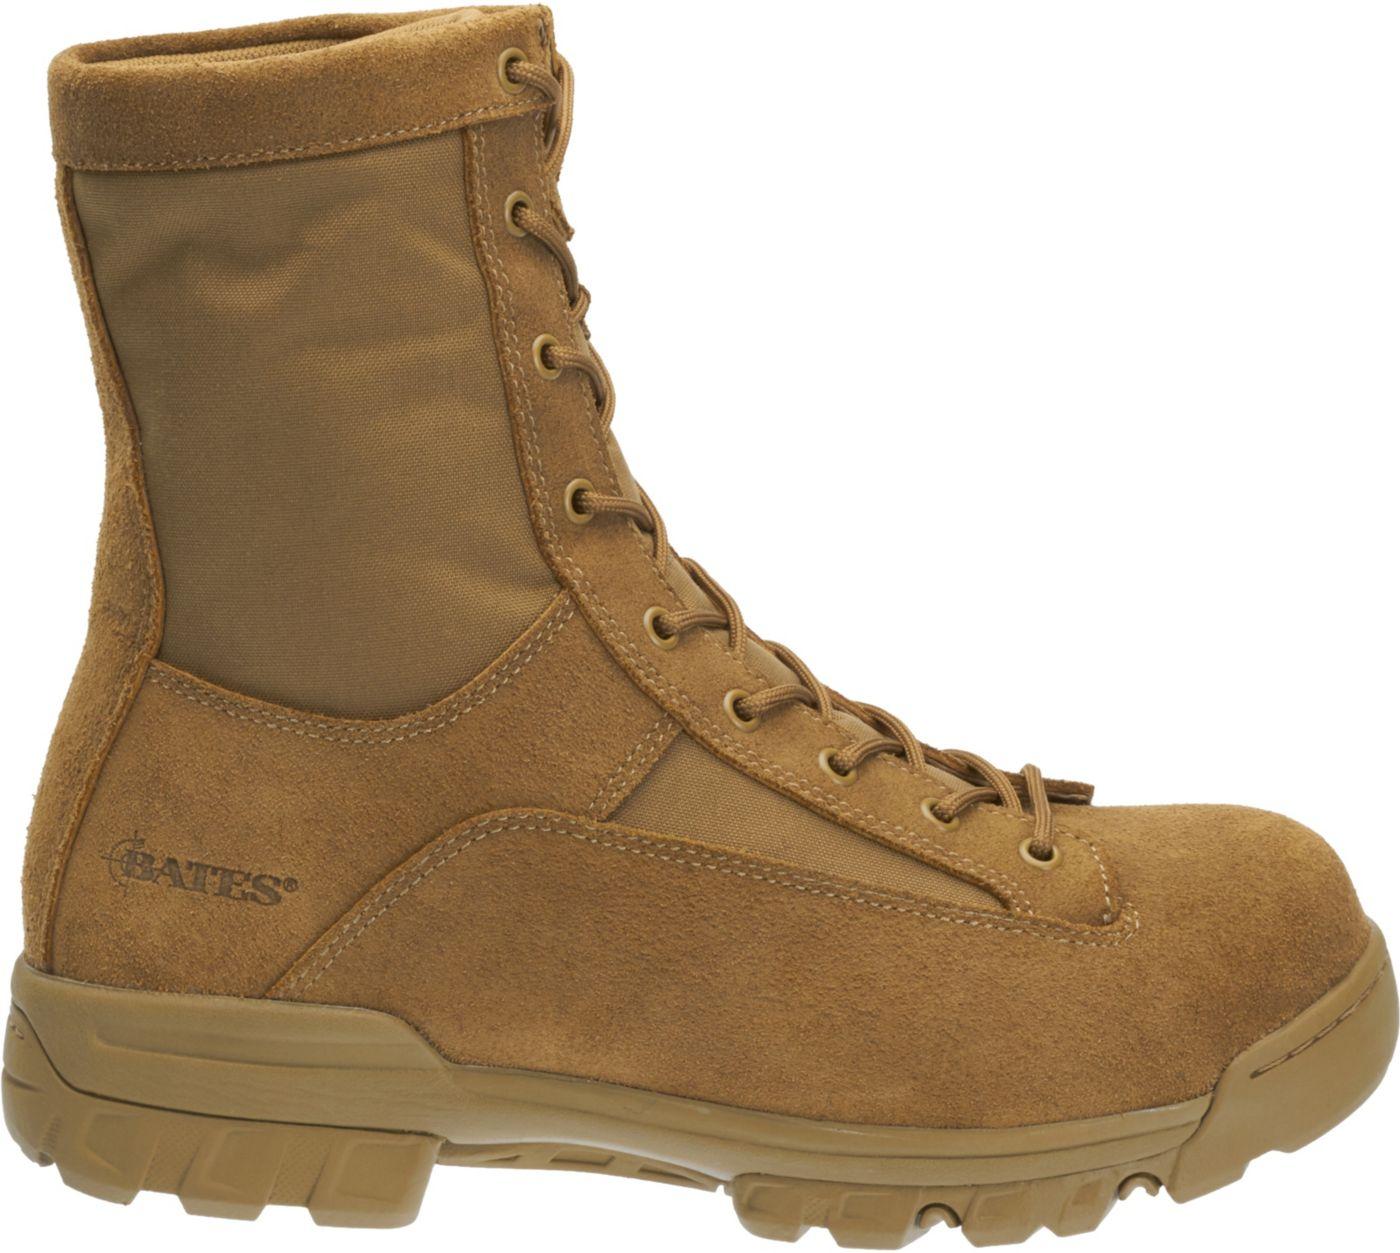 Bates Men's Ranger II Hot Weather Composite Toe Work Boots